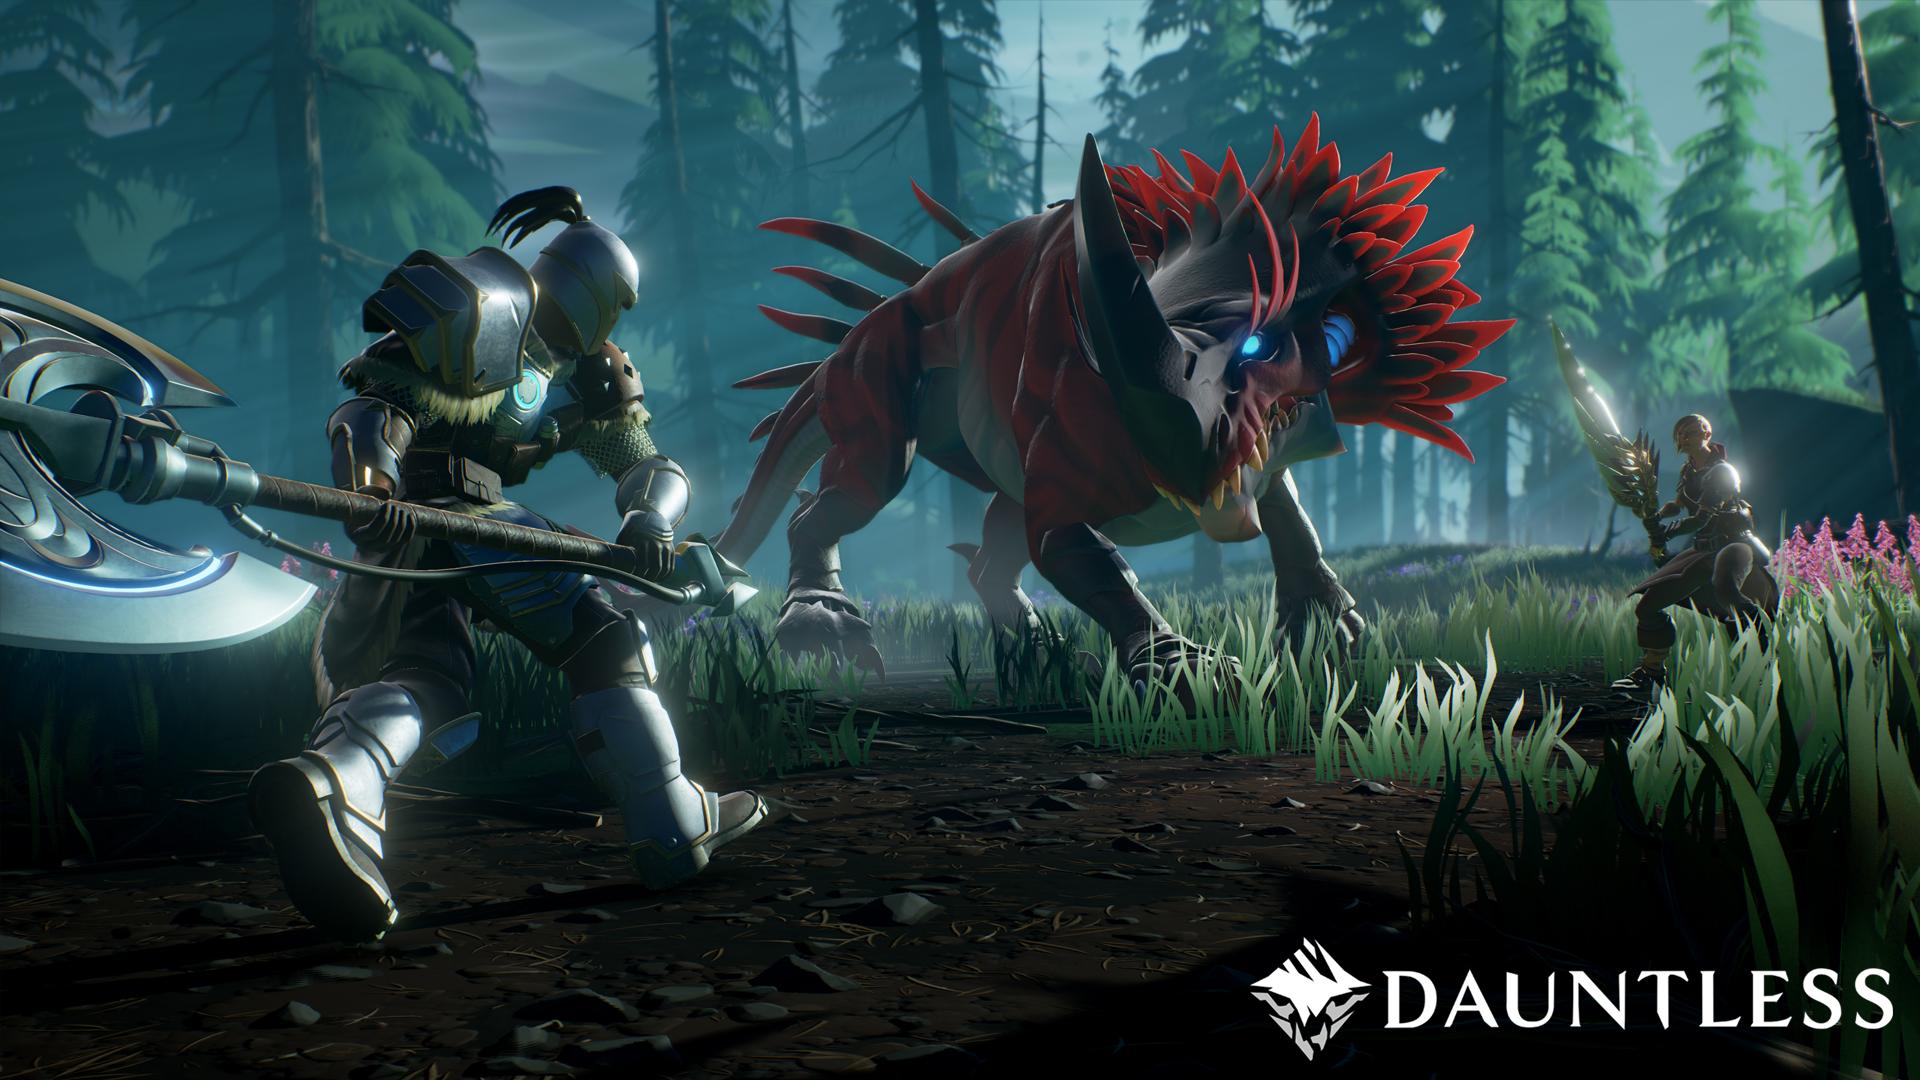 embermane-combat-screenshots-dauntless.jpg